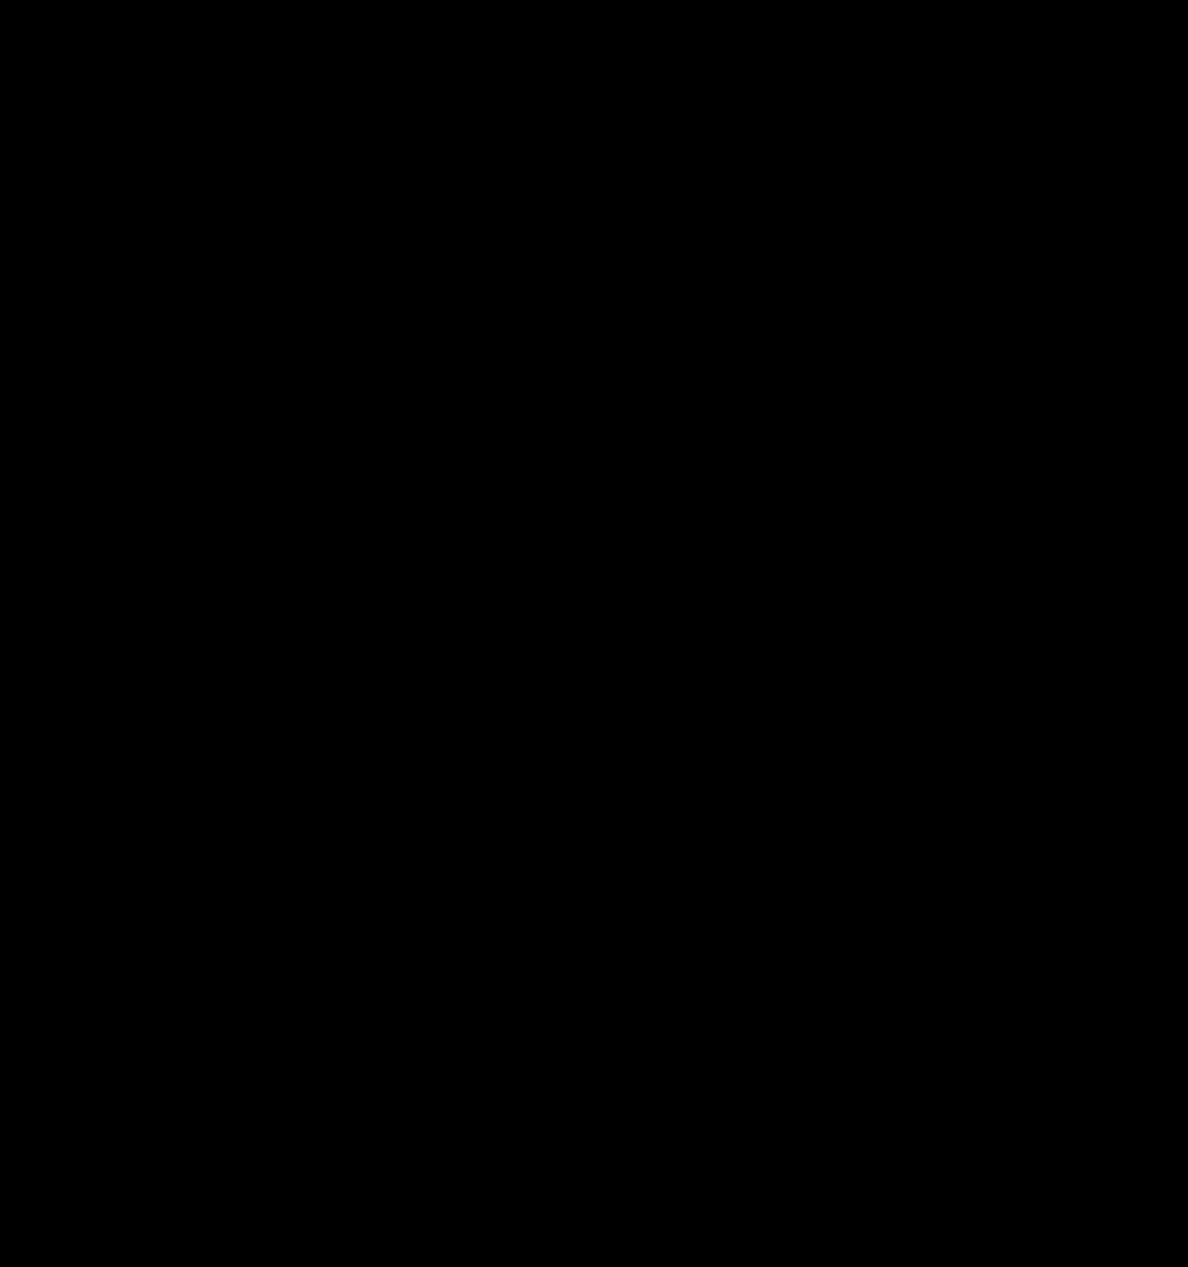 ogom_logo.png